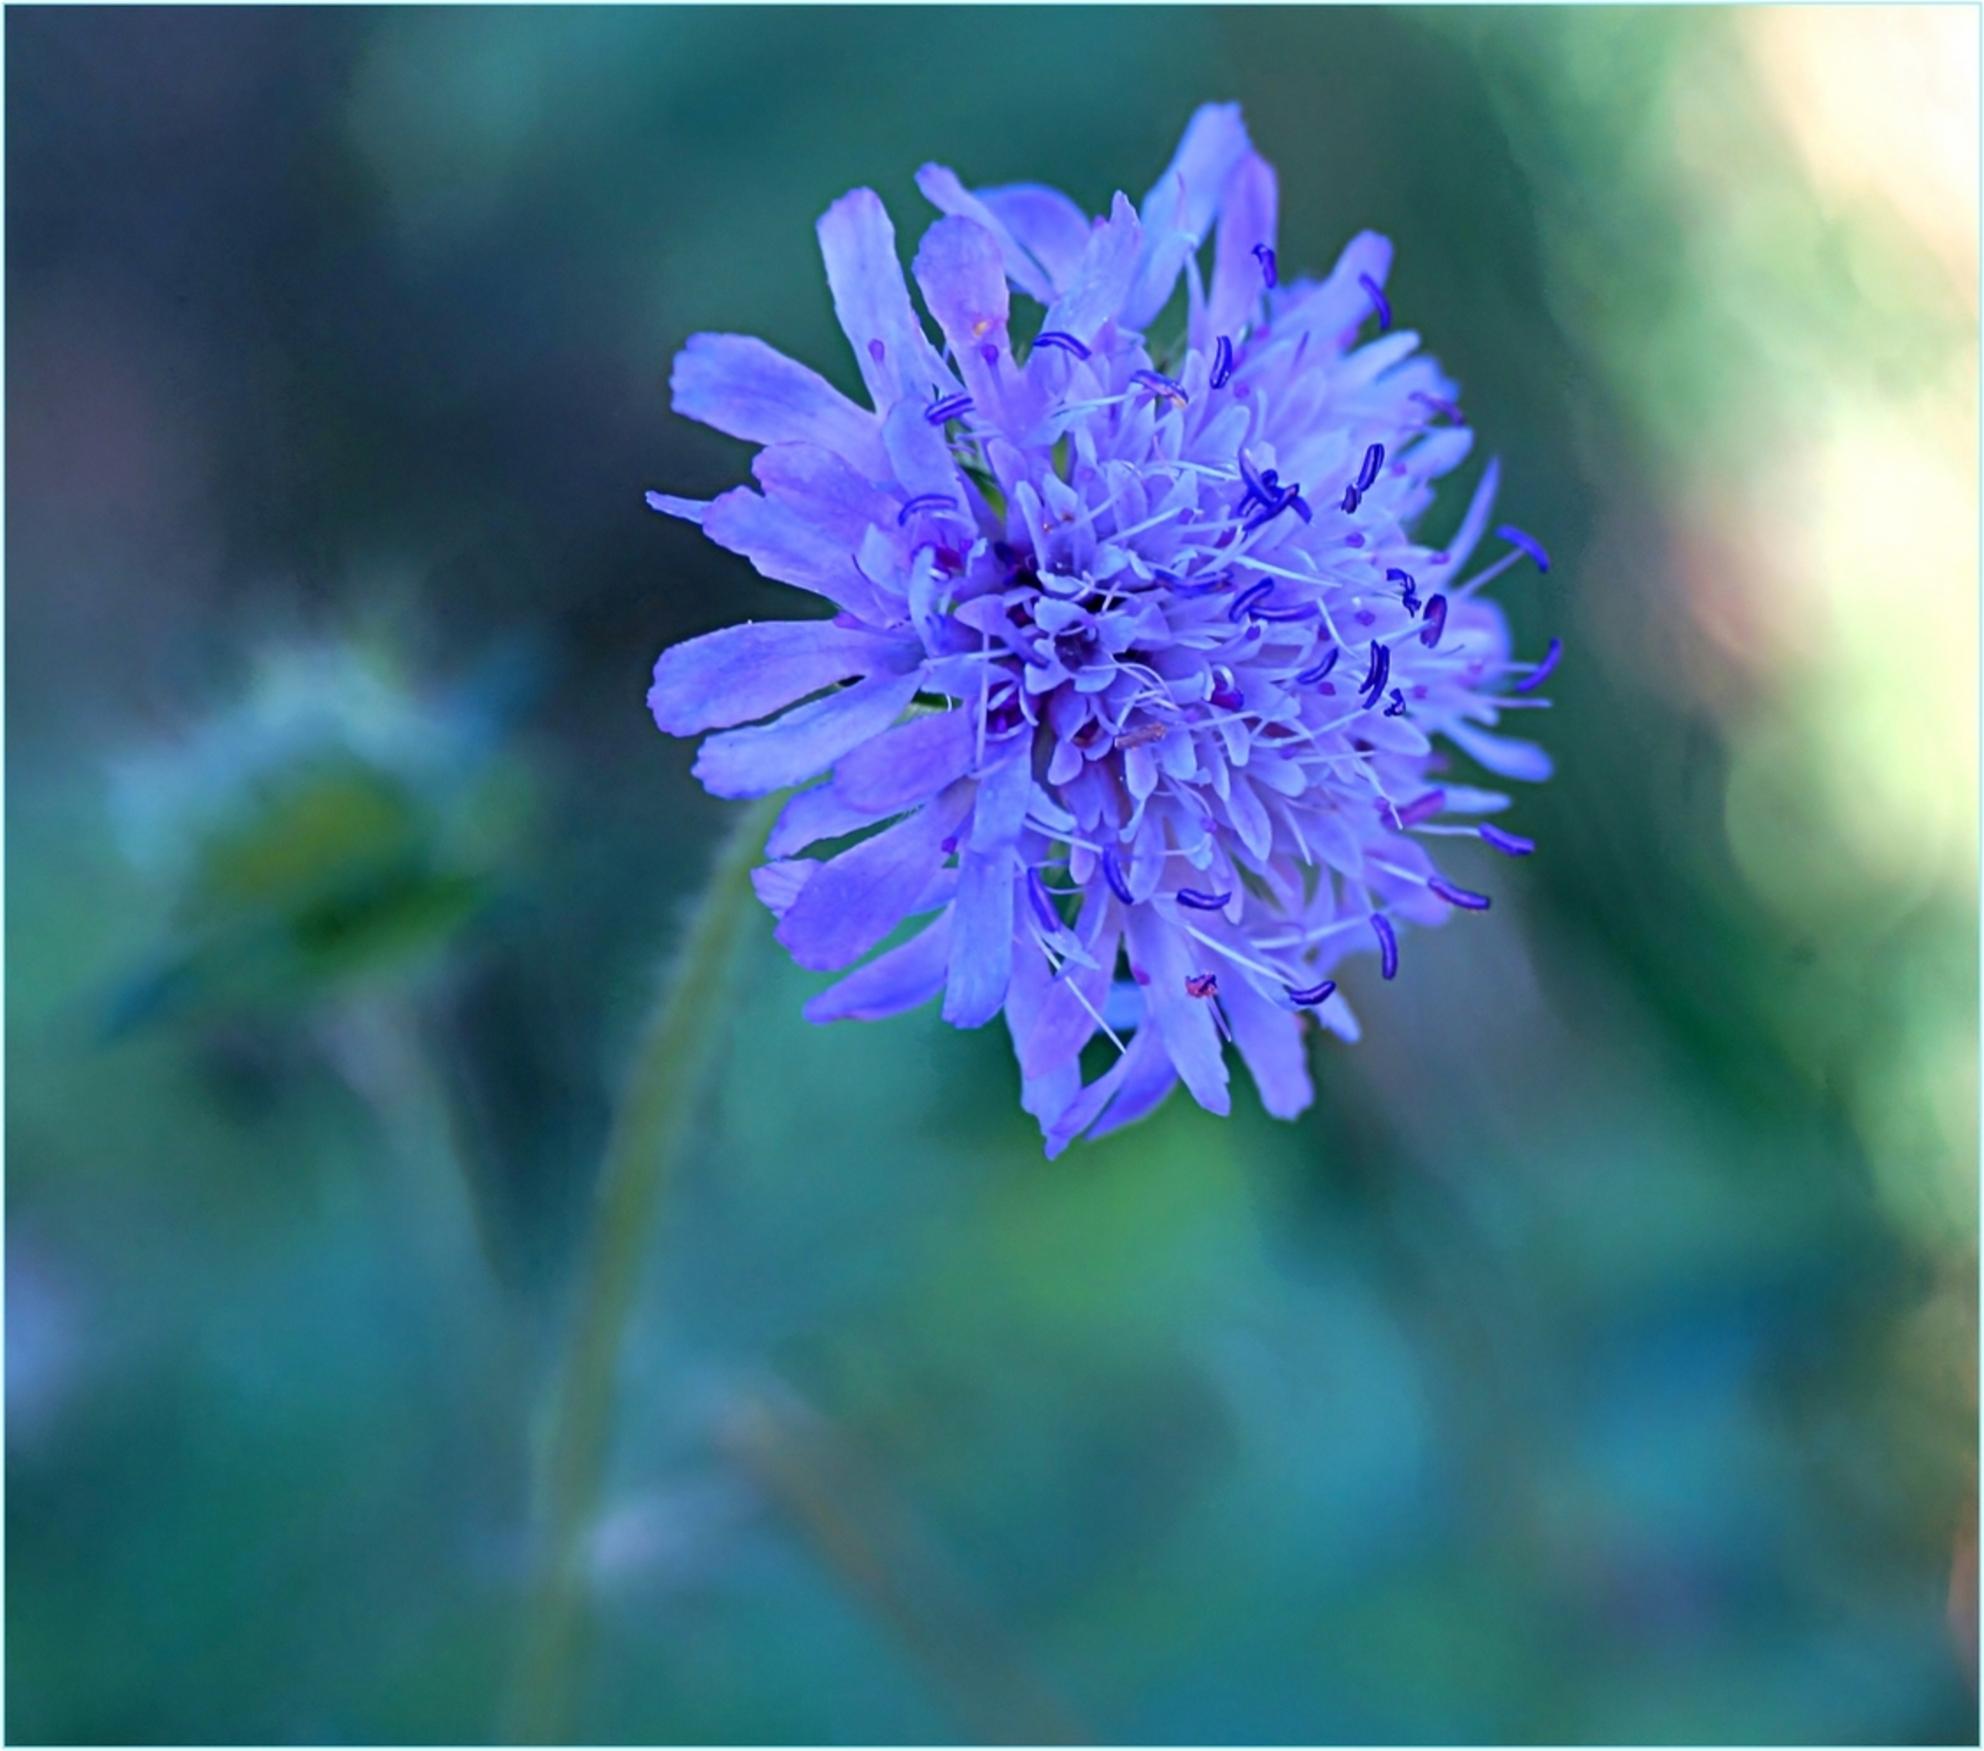 The last one . . - . . . één van de laatst bloeiende bloemen in de Heemtuin. - foto door 1103 op 19-11-2014 - deze foto bevat: macro, blauw, bloem, natuur, blauwtje, druppel, herfst, tuin, dof, bokeh - Deze foto mag gebruikt worden in een Zoom.nl publicatie